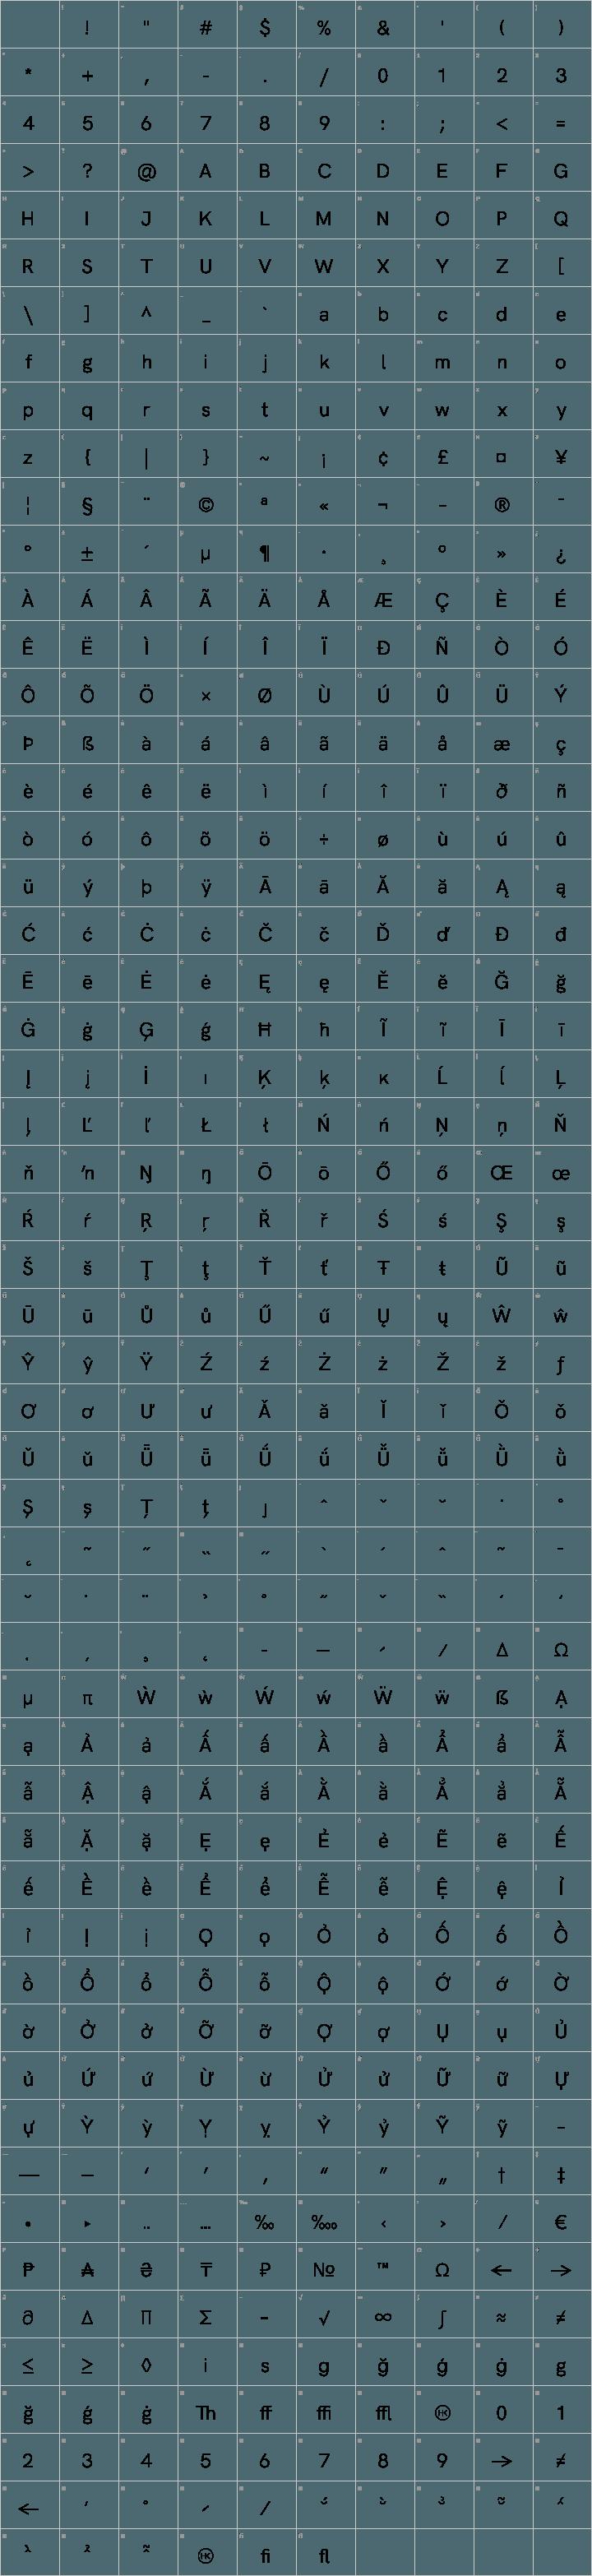 HK Grotesk Font Free by Hanken Design Co  » Font Squirrel